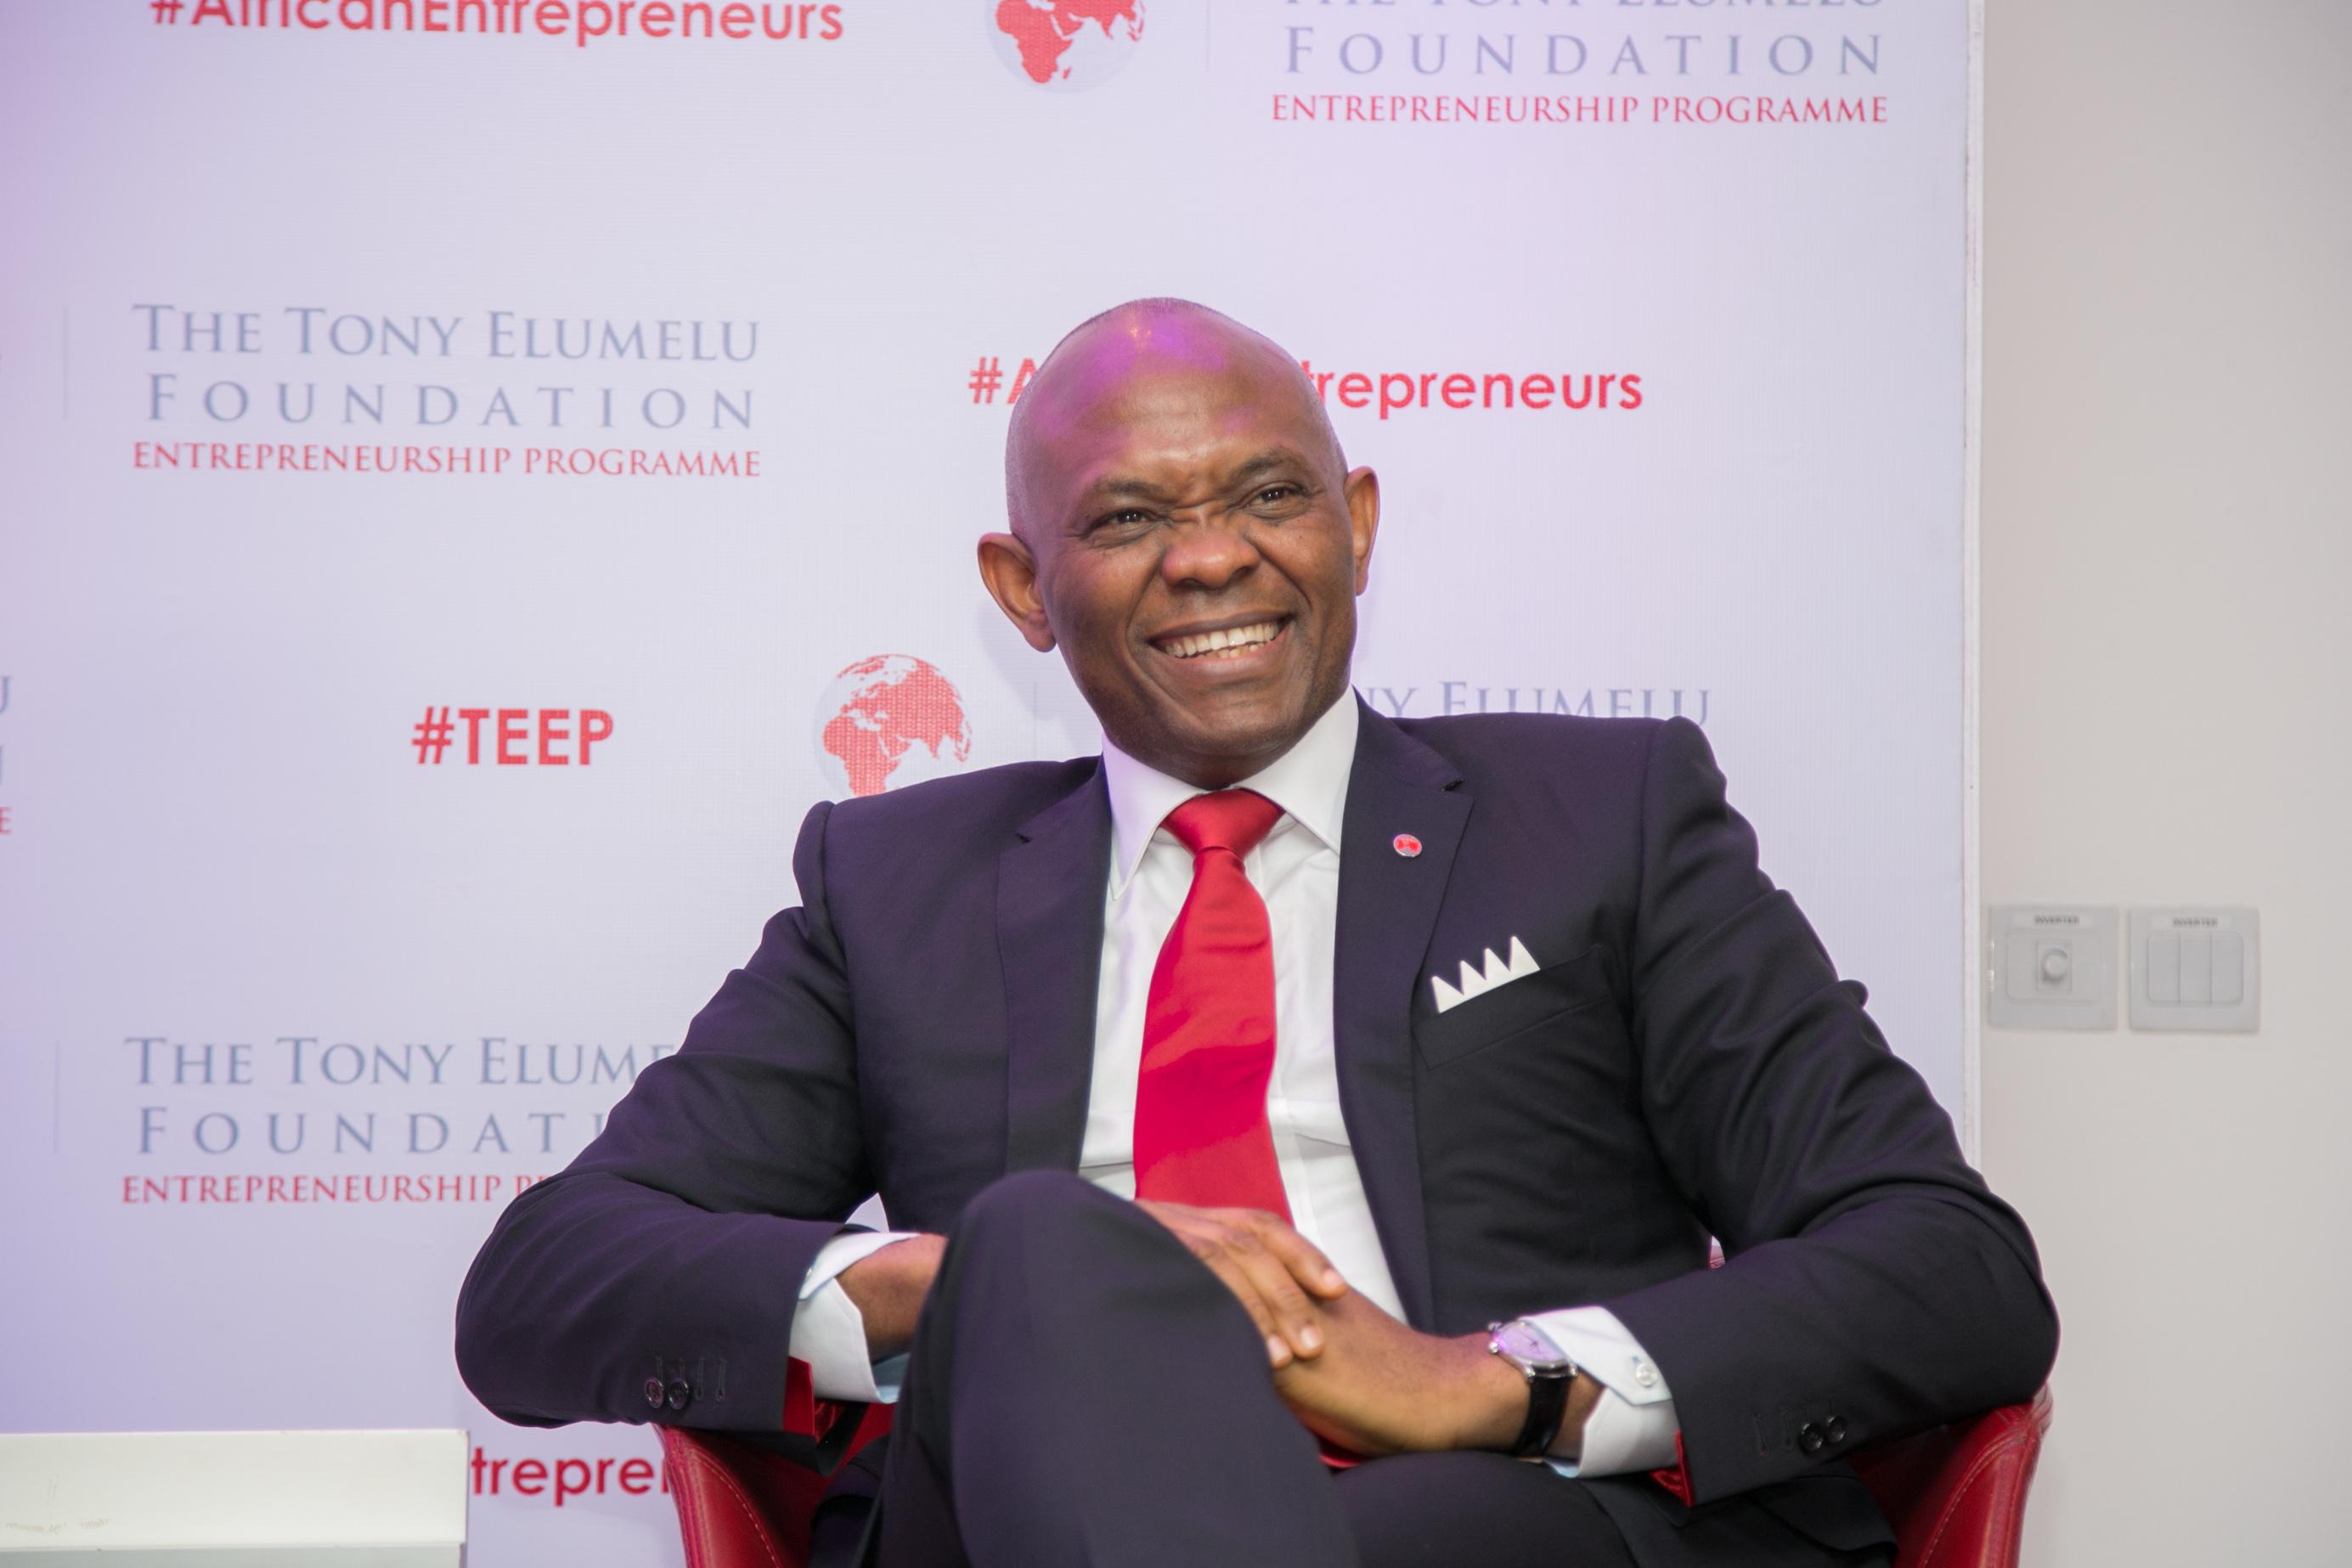 Calling Startup African Entrepreneurs: Apply for the 2020 Tony Elumelu Foundation Entrepreneurship Programme